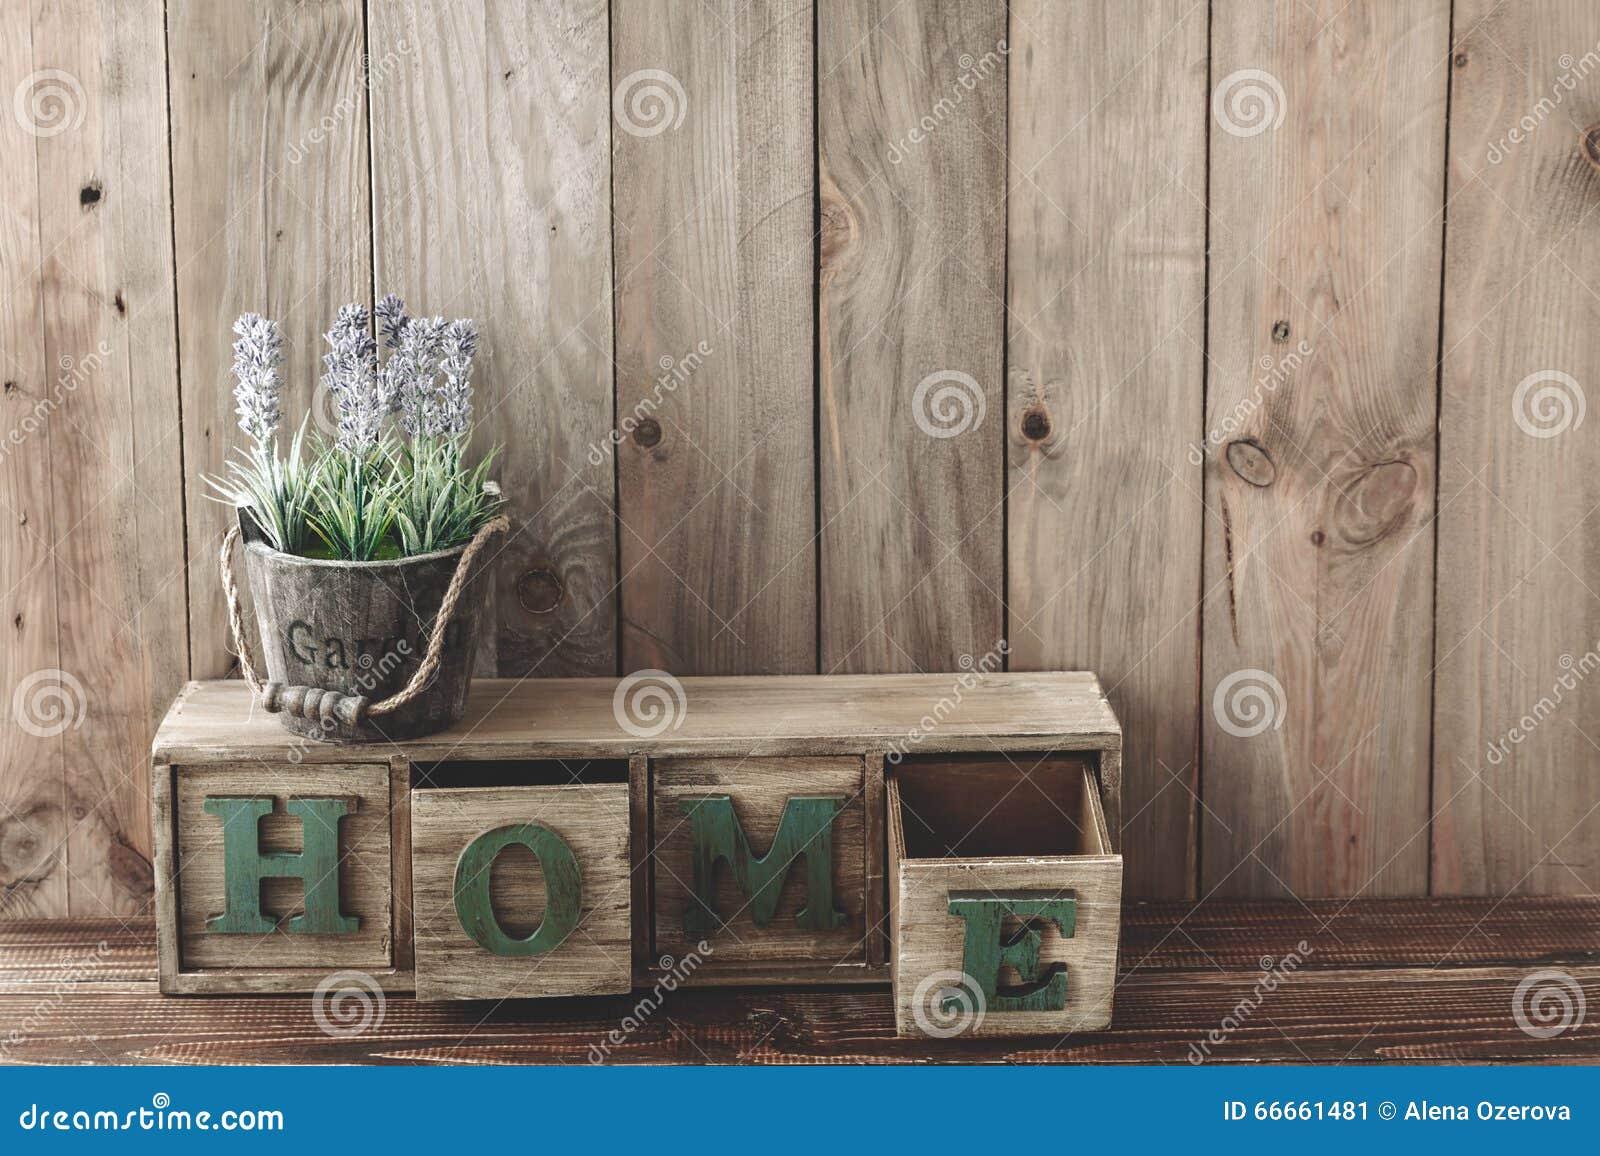 Decoração home de madeira